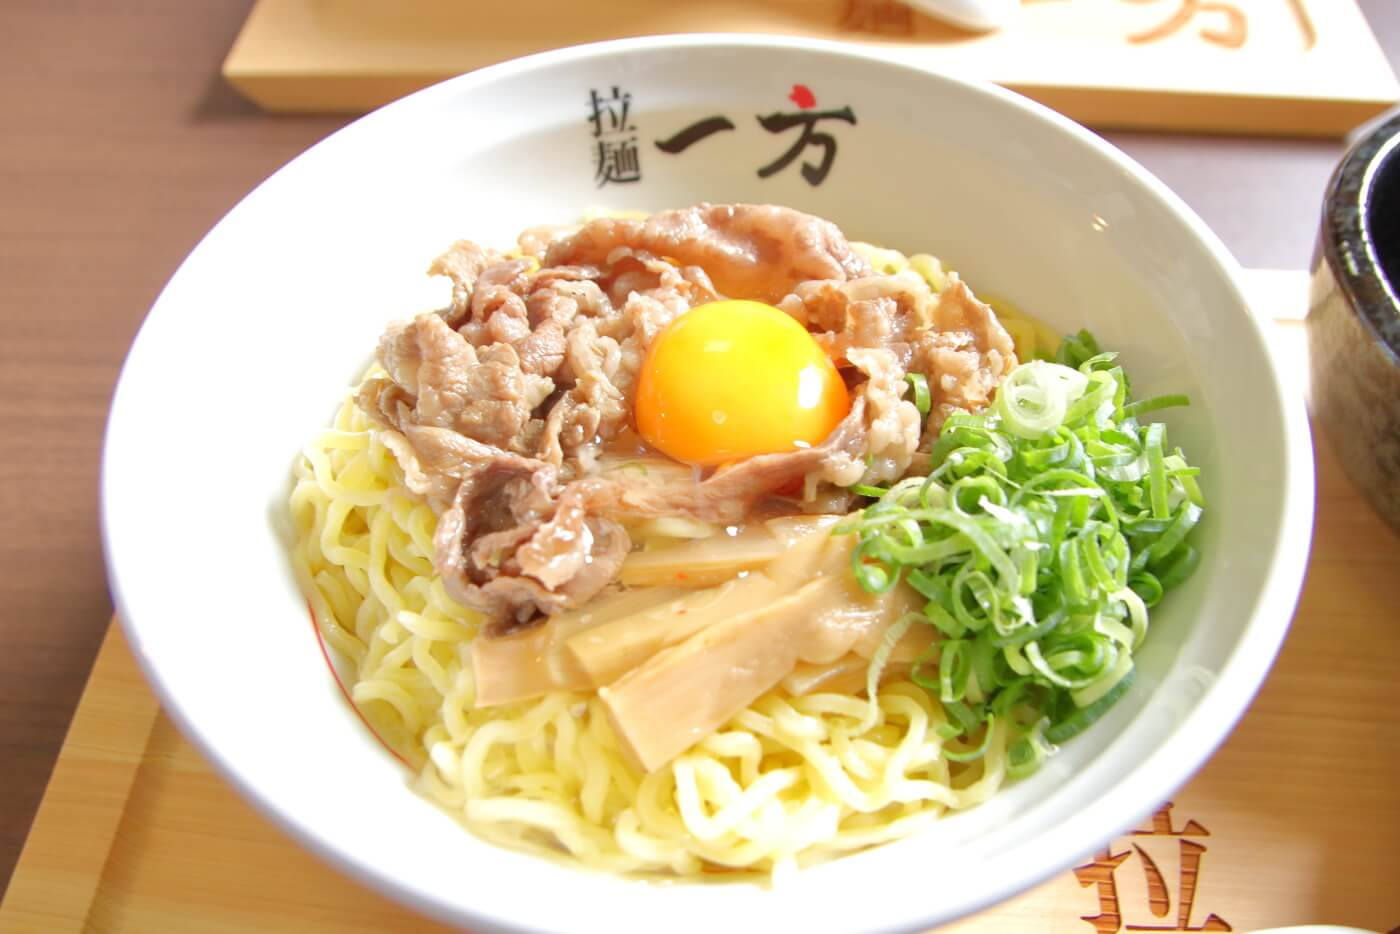 拉麺一方やすきや番地 元祖やすきや土佐和牛肉入りしょうゆラーメン